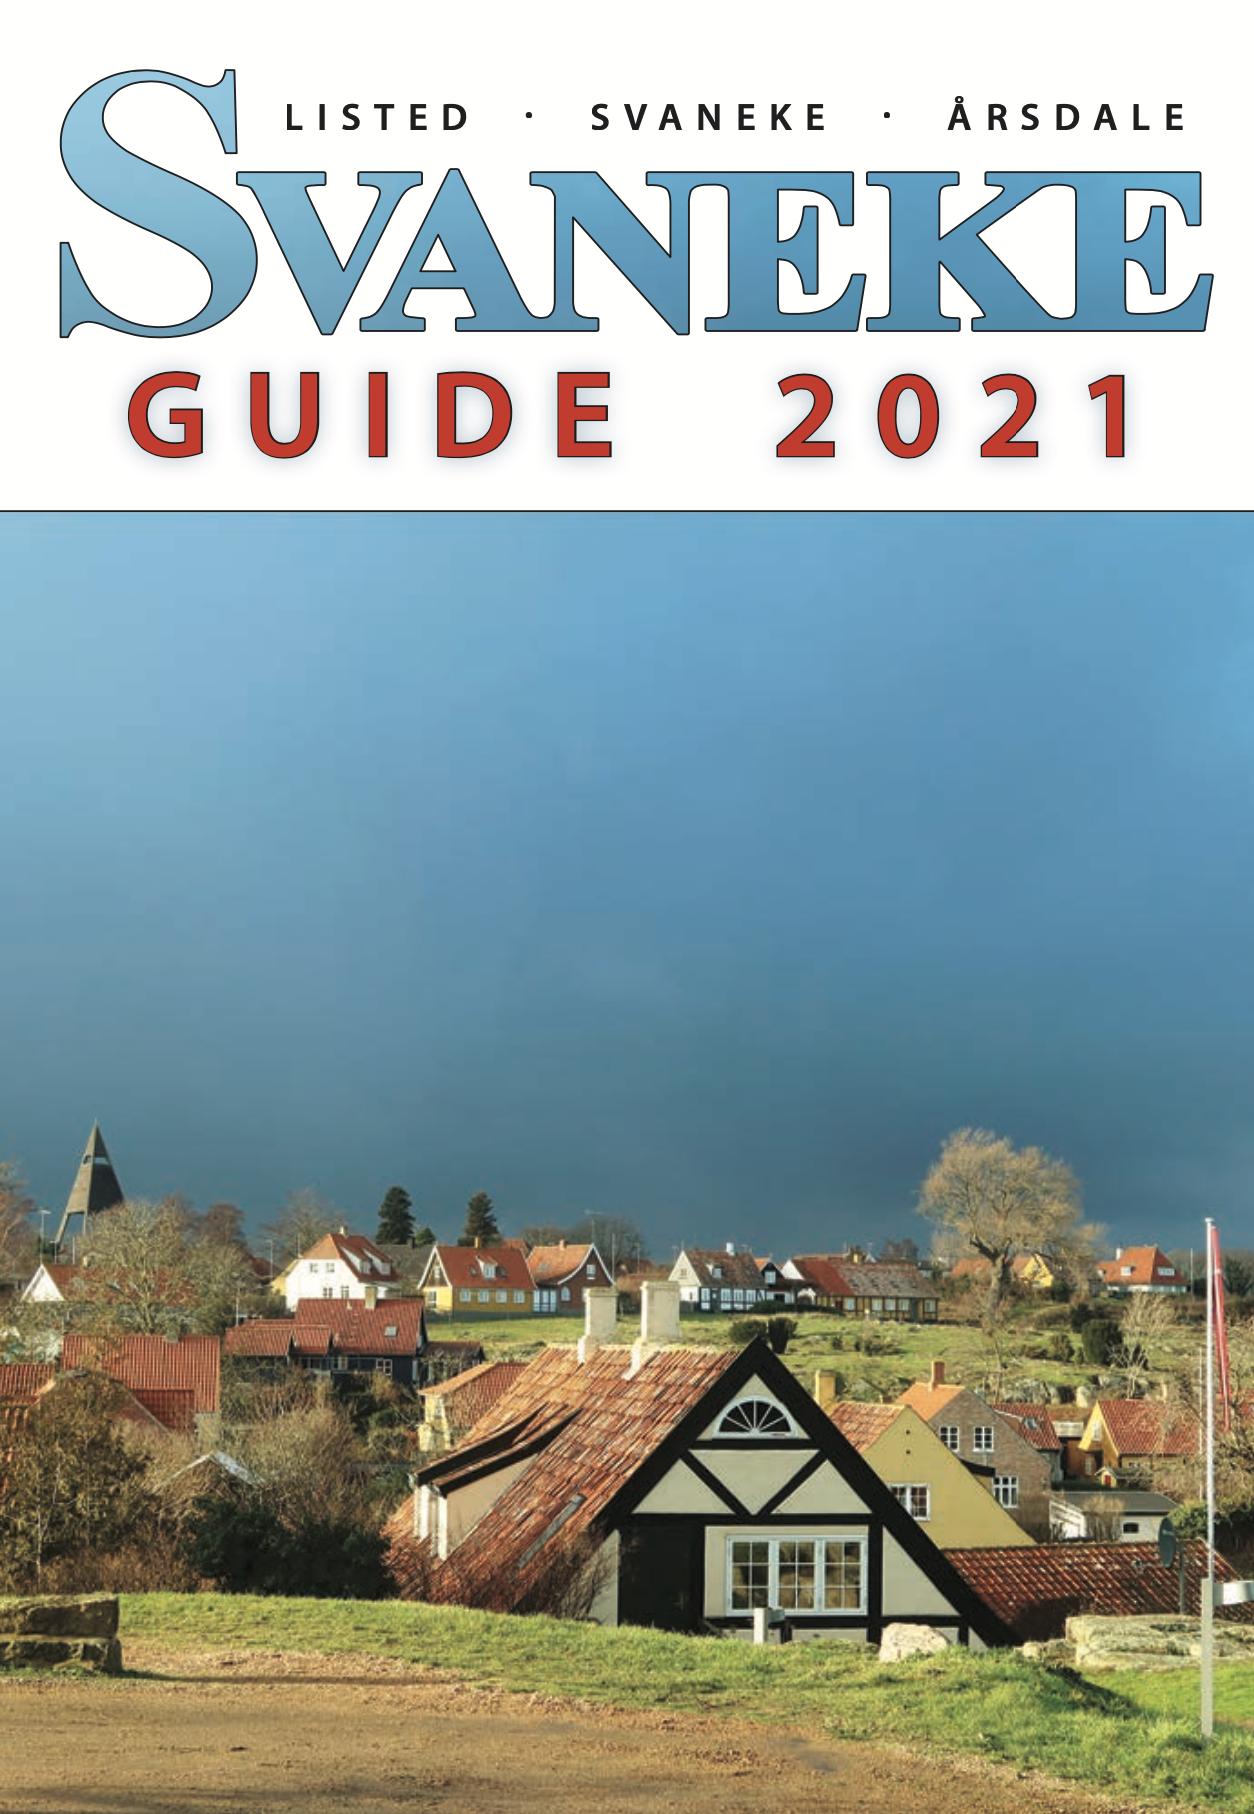 svaneke guide 2021